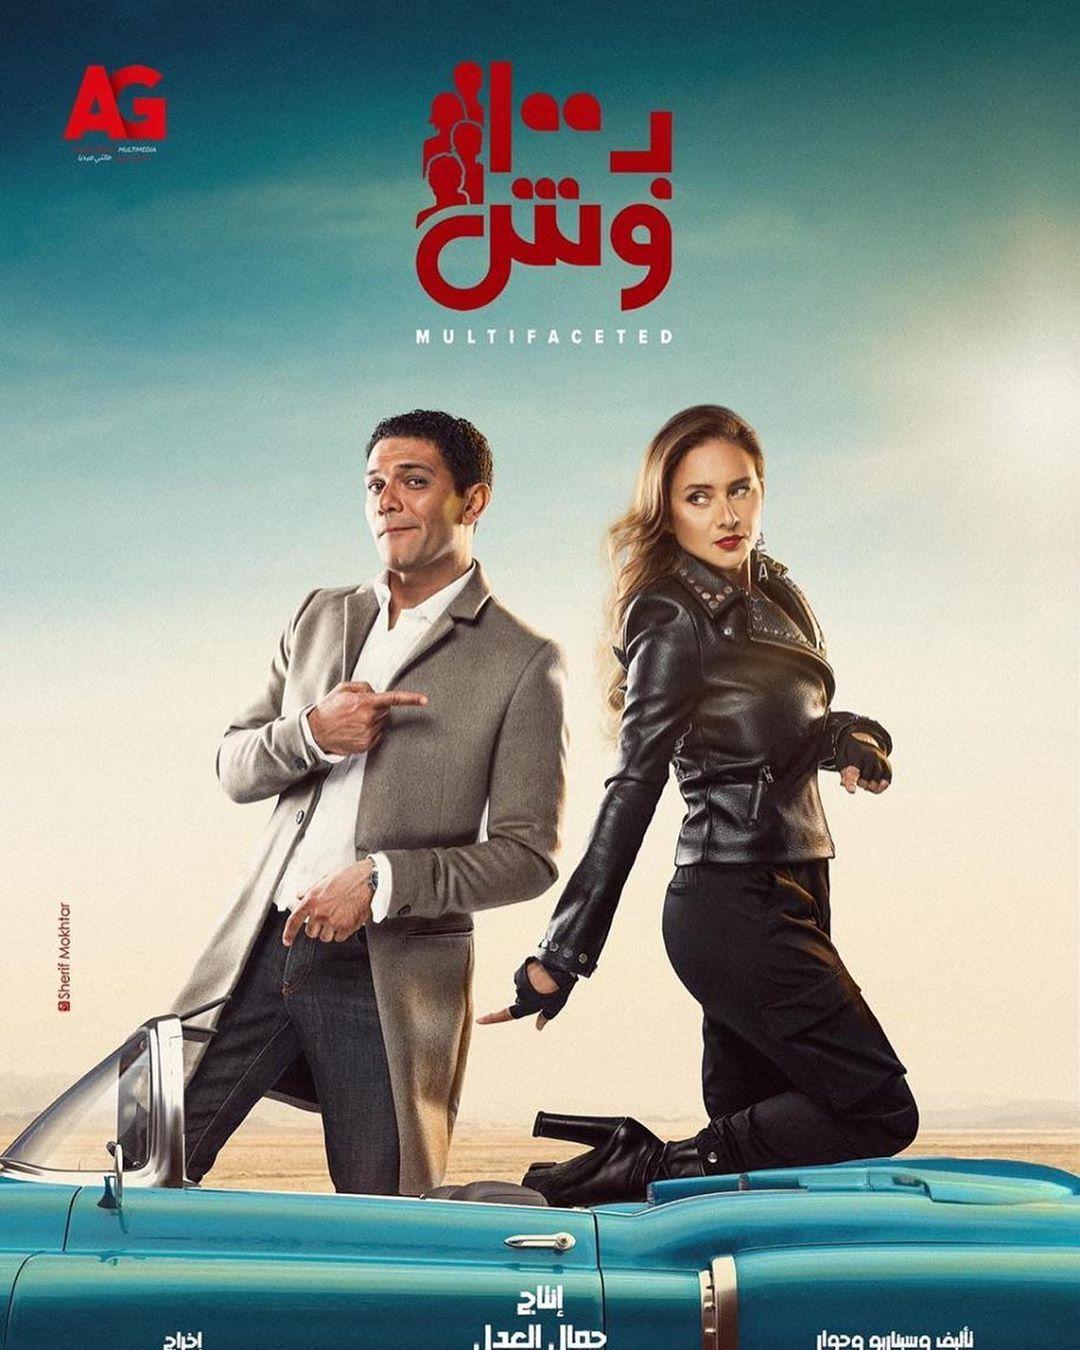 الشباب في الدراما العربية بـ 100 وش نموذجا Egyptian Movies Video Trailer Album Songs